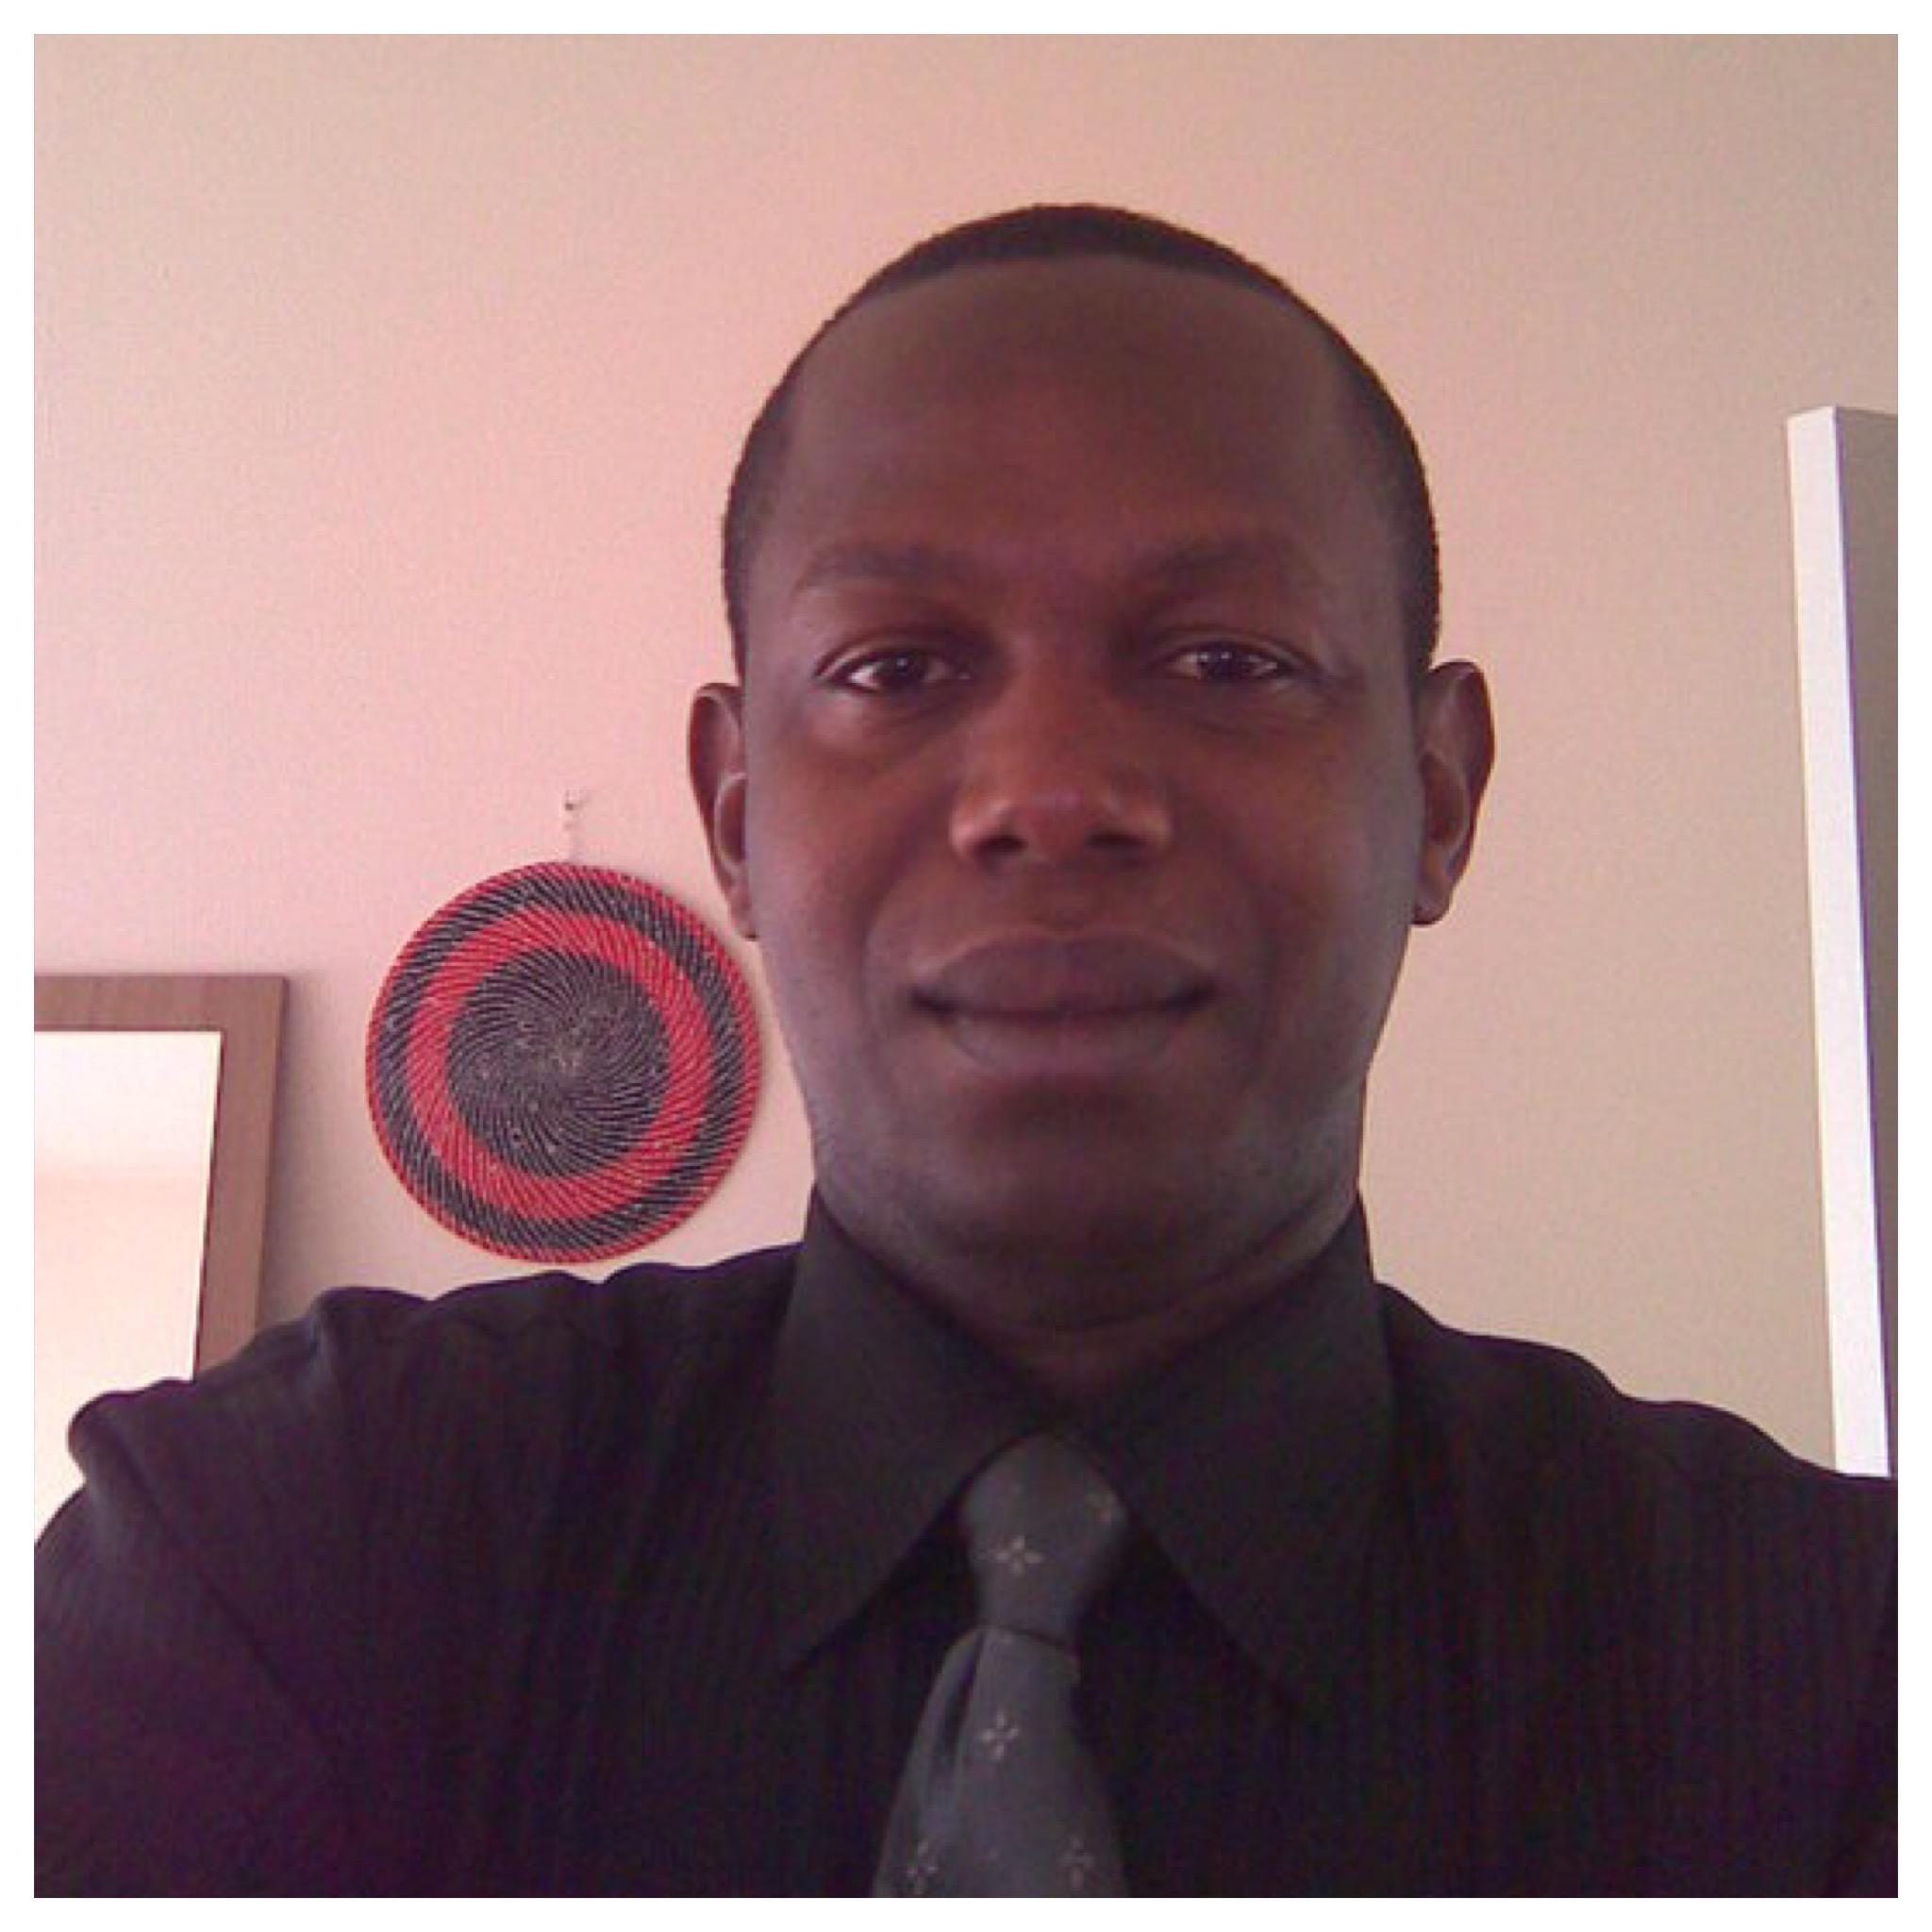 Elhadj Diallo de l'ufdg